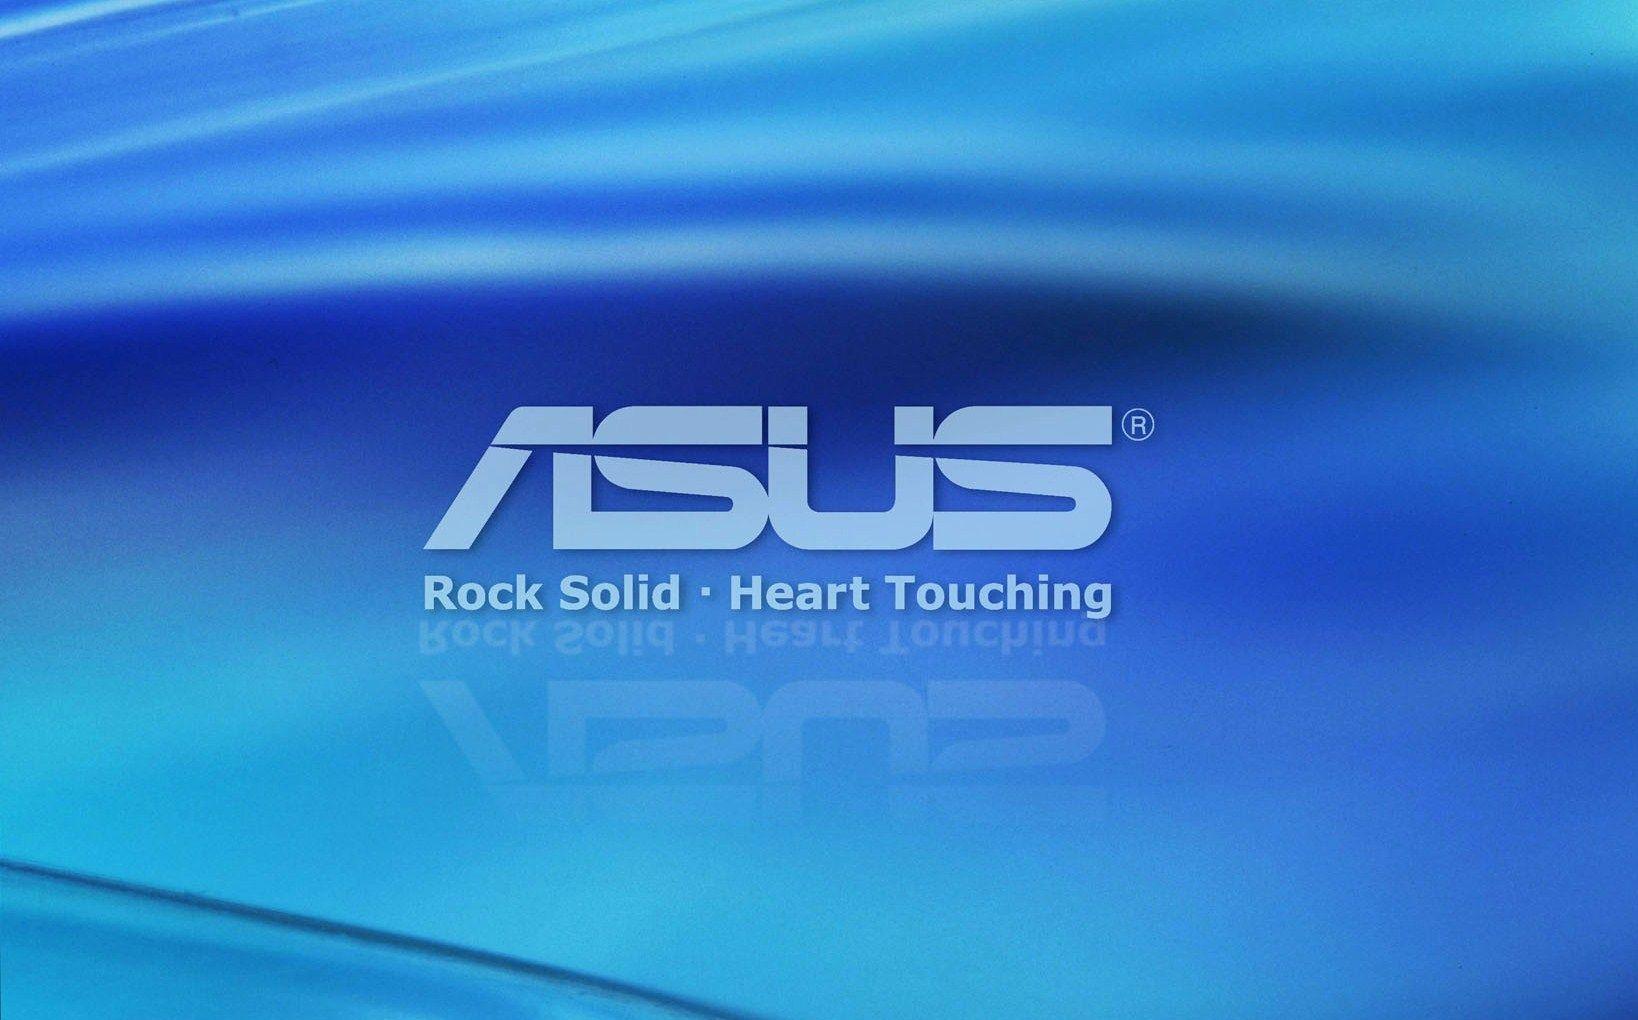 Asus Rog HD Wallpapers Download Free Asus Rog Republic Of Gamers